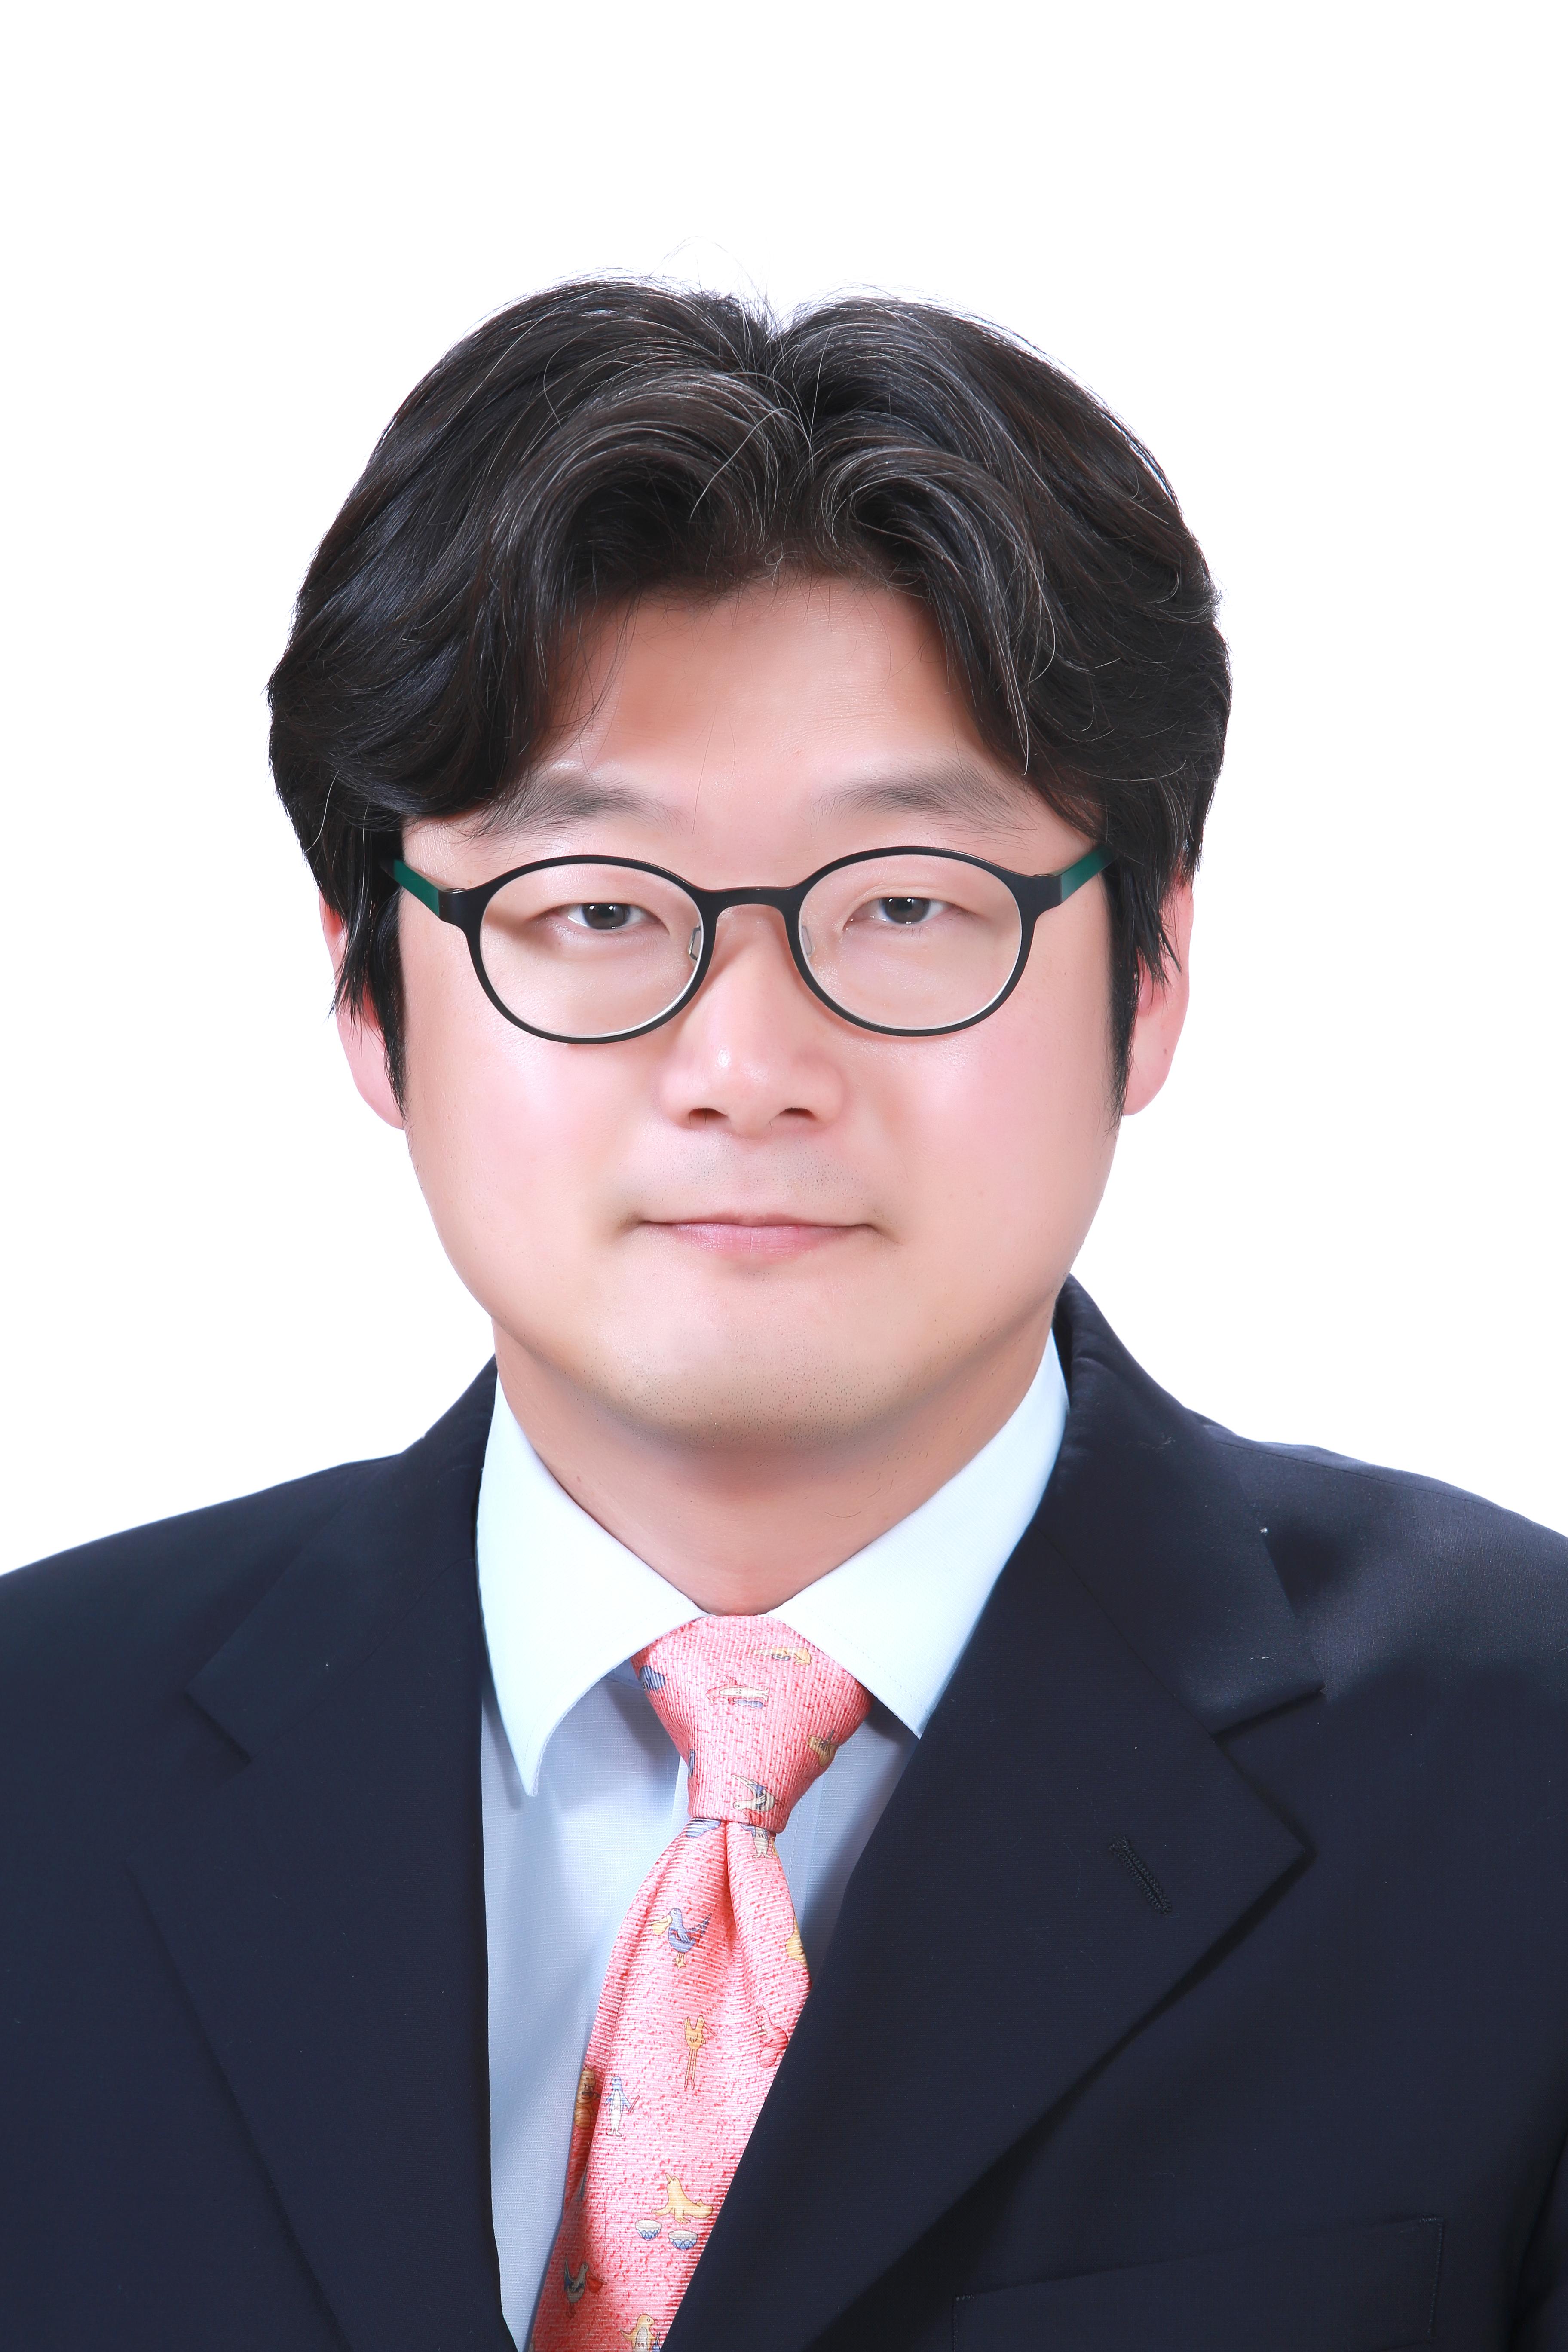 이민재 Lee, Min Jae사진